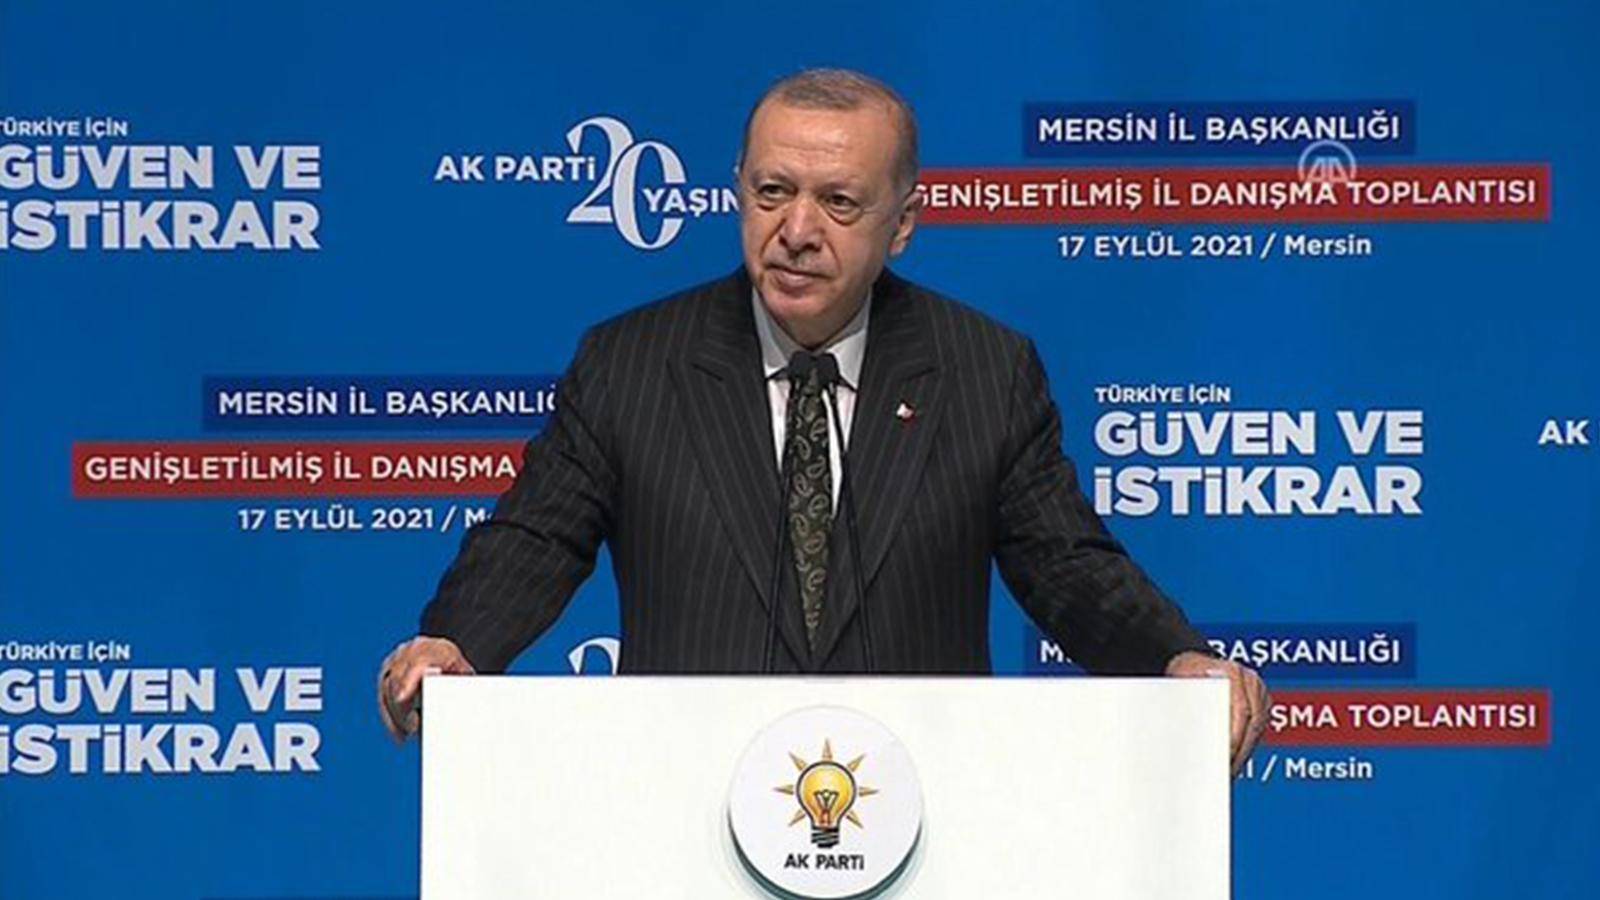 erdoğan mersin